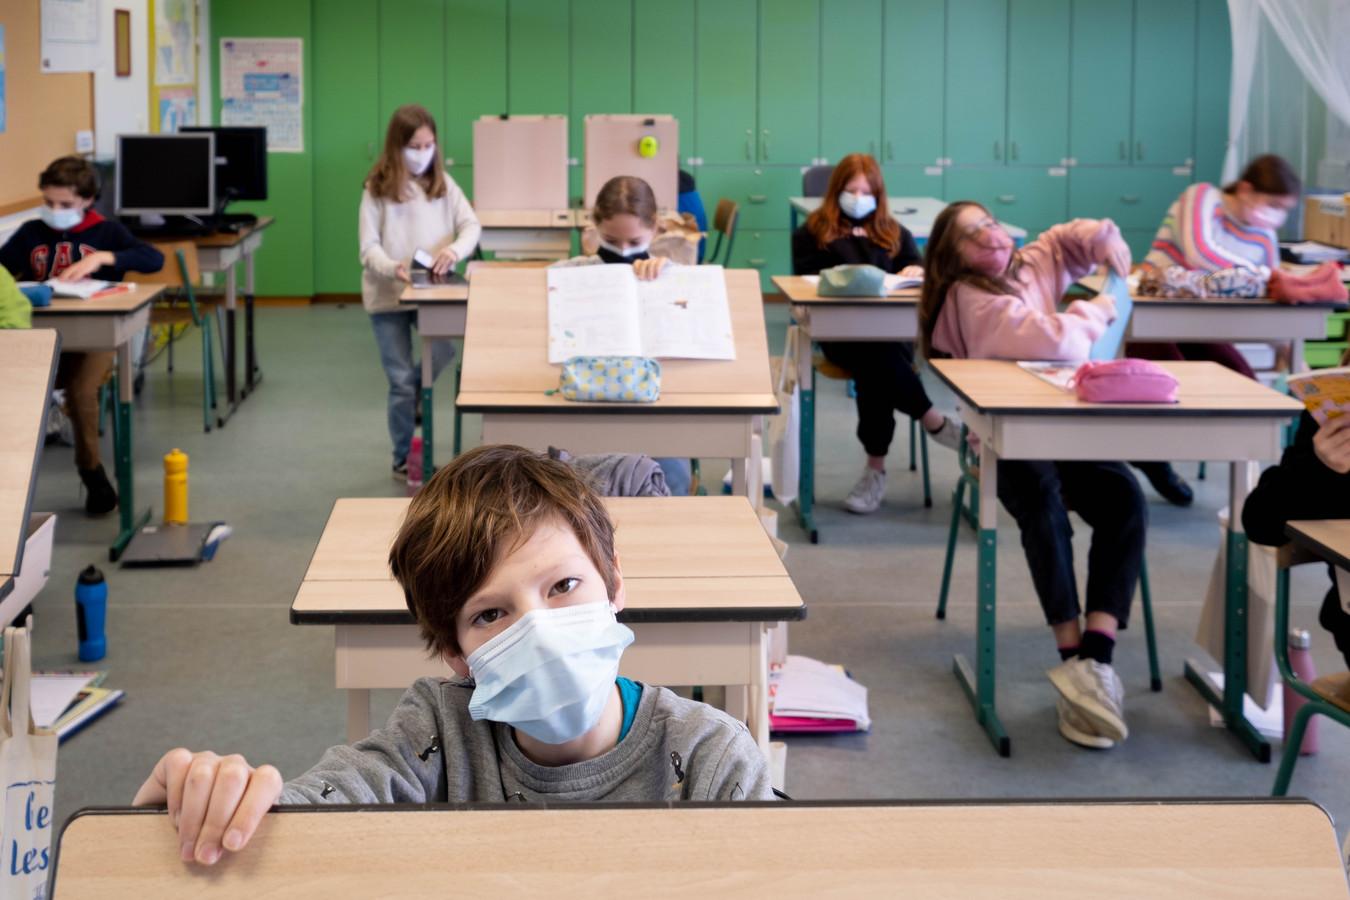 Leerlingen van de derde graad van Gebo dragen mondmaskers in de klas.